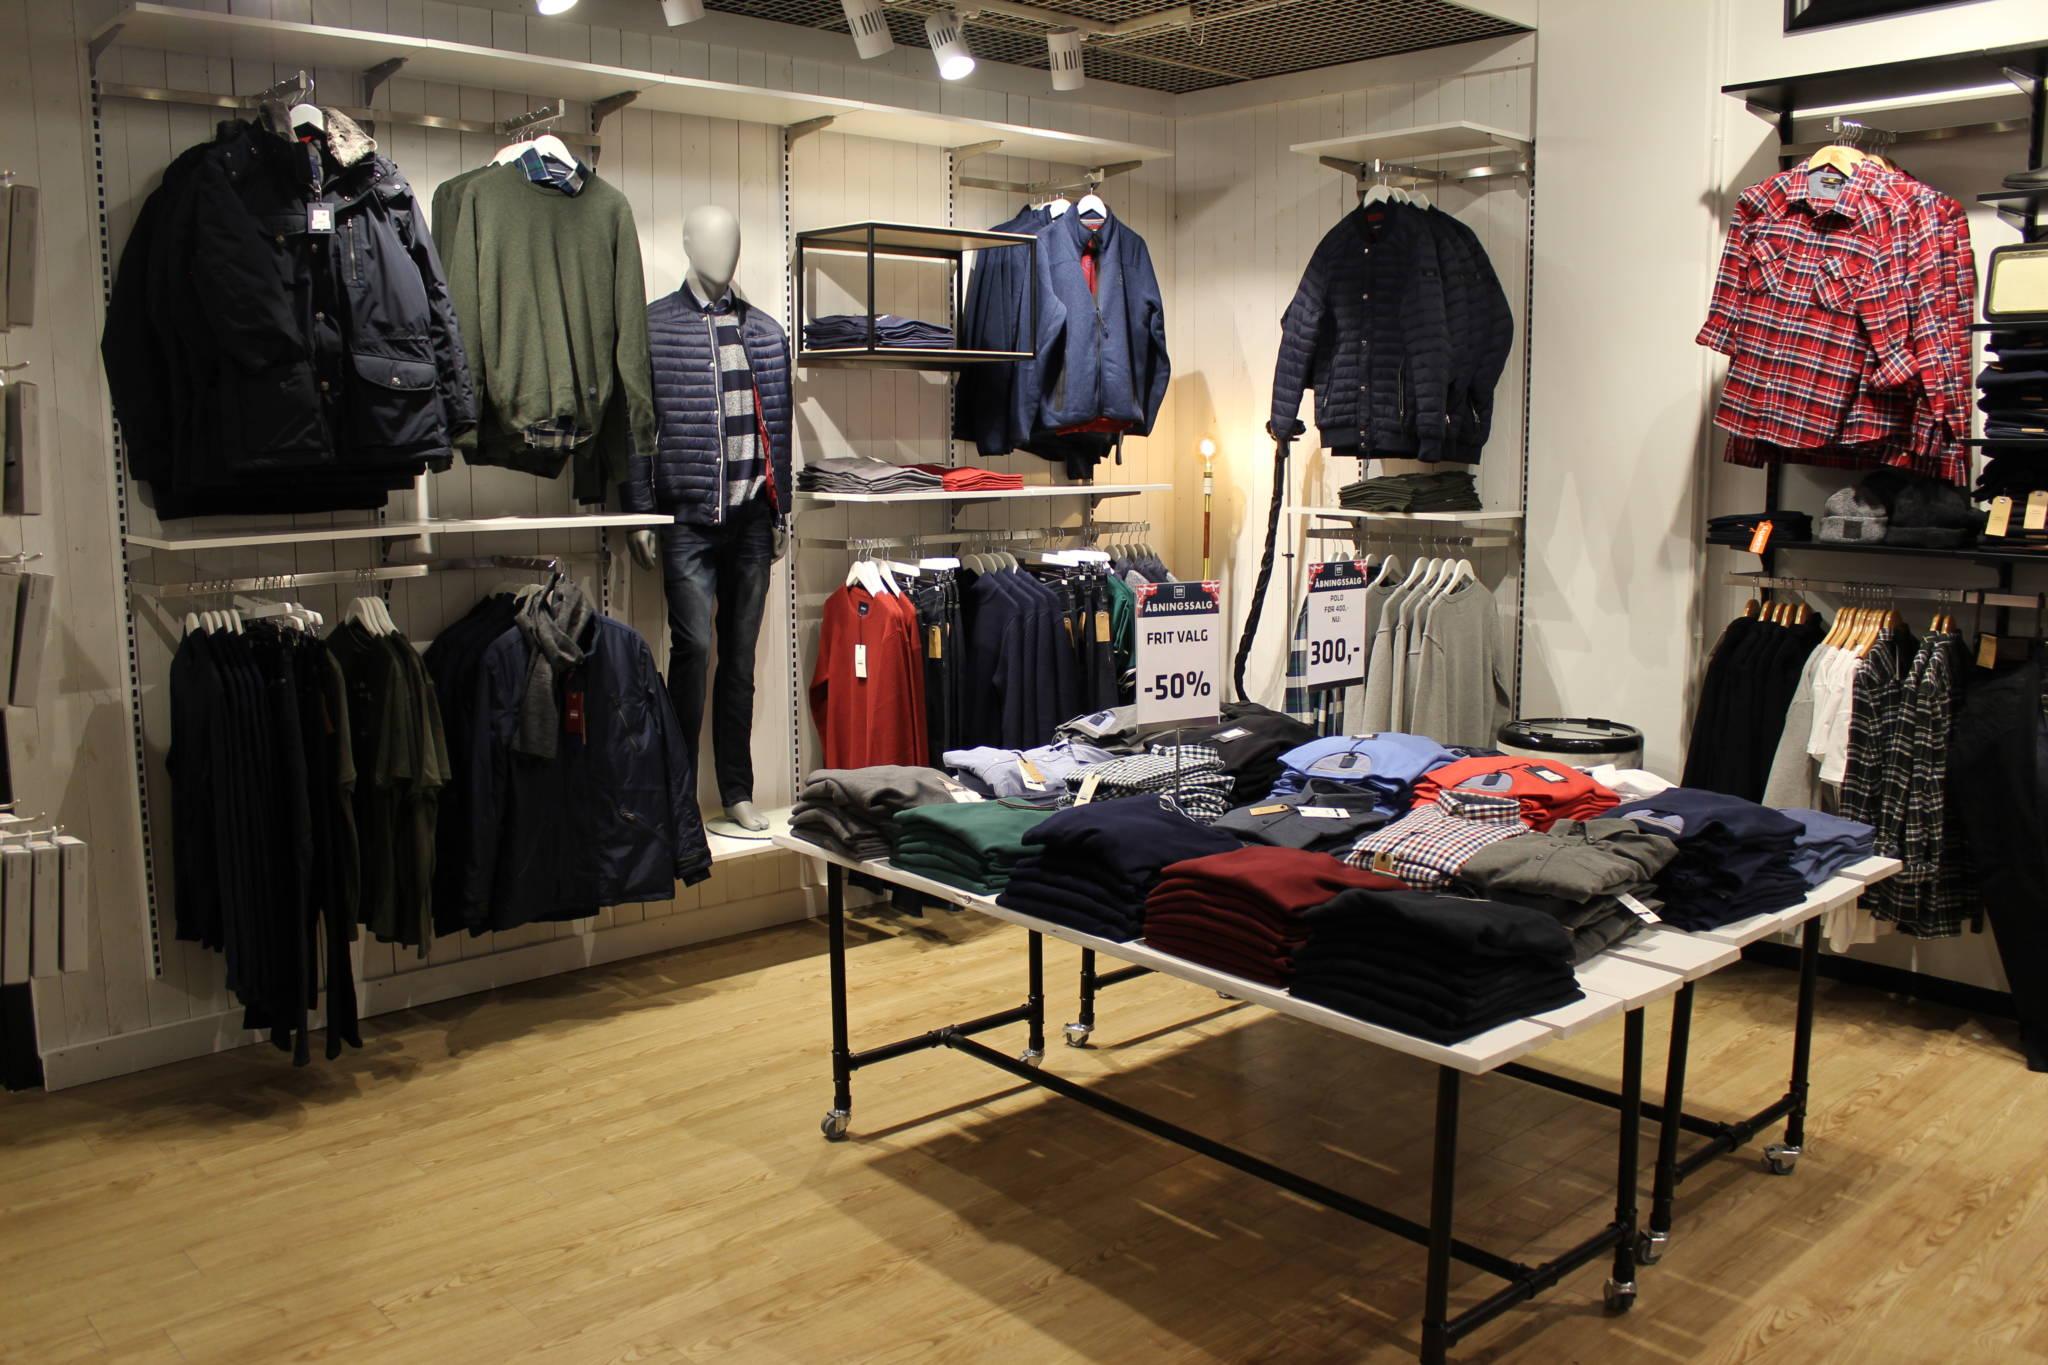 Trendy indrettet herrebutik med rustik bræddevæg. Butiksinventar og butiksindretning